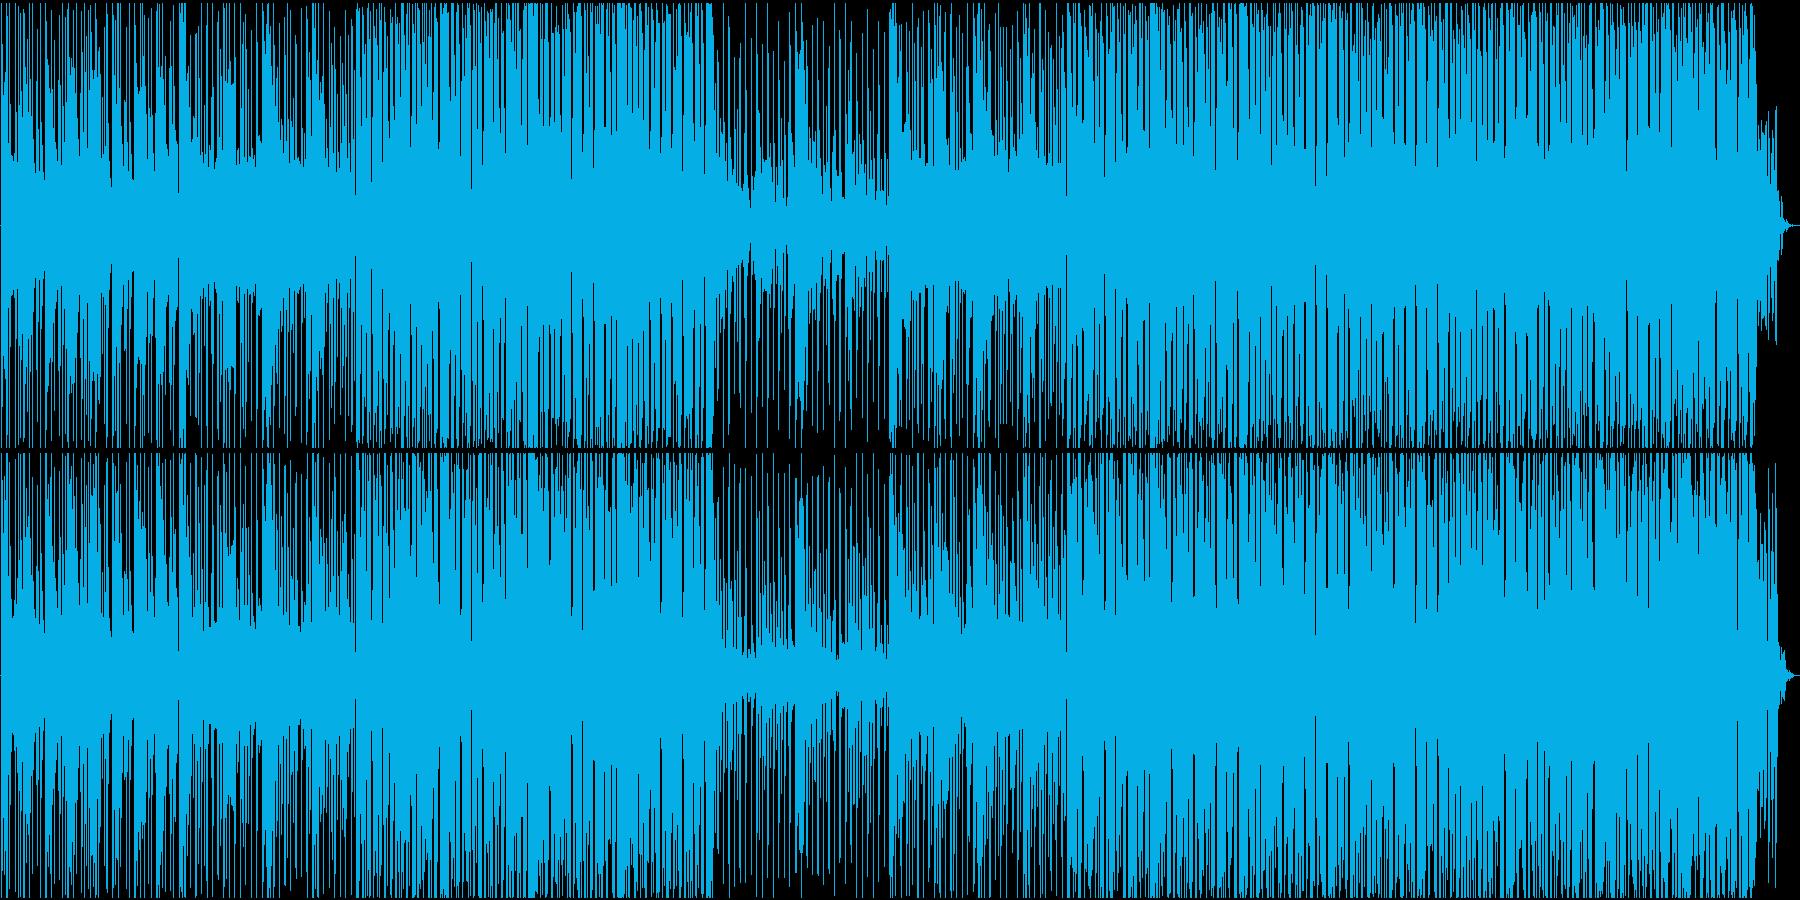 ビートははっきりしているが物悲しいBGMの再生済みの波形